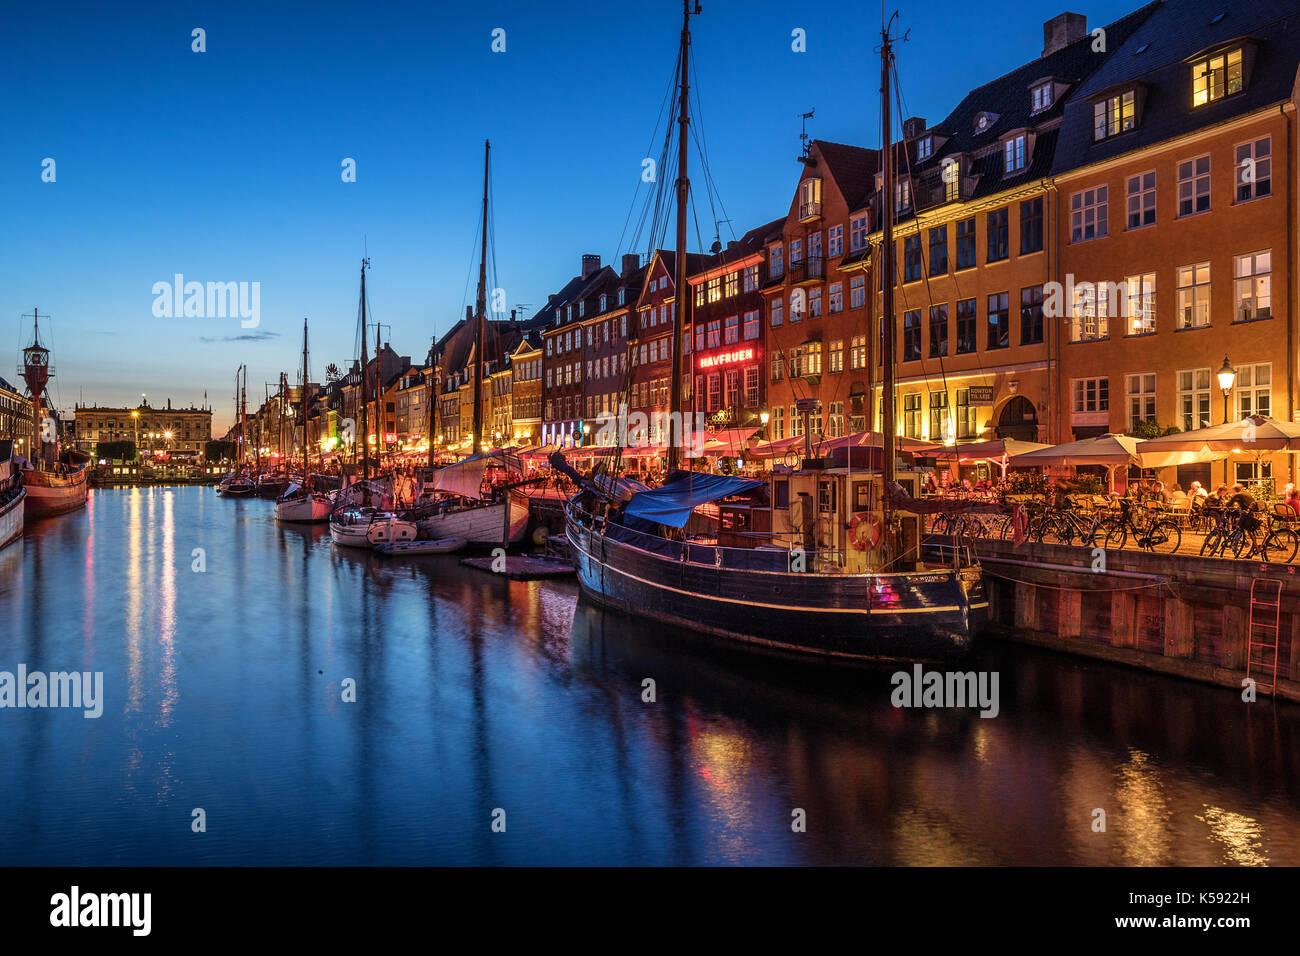 Nyhavn in Copenhagen Denmark - Stock Image